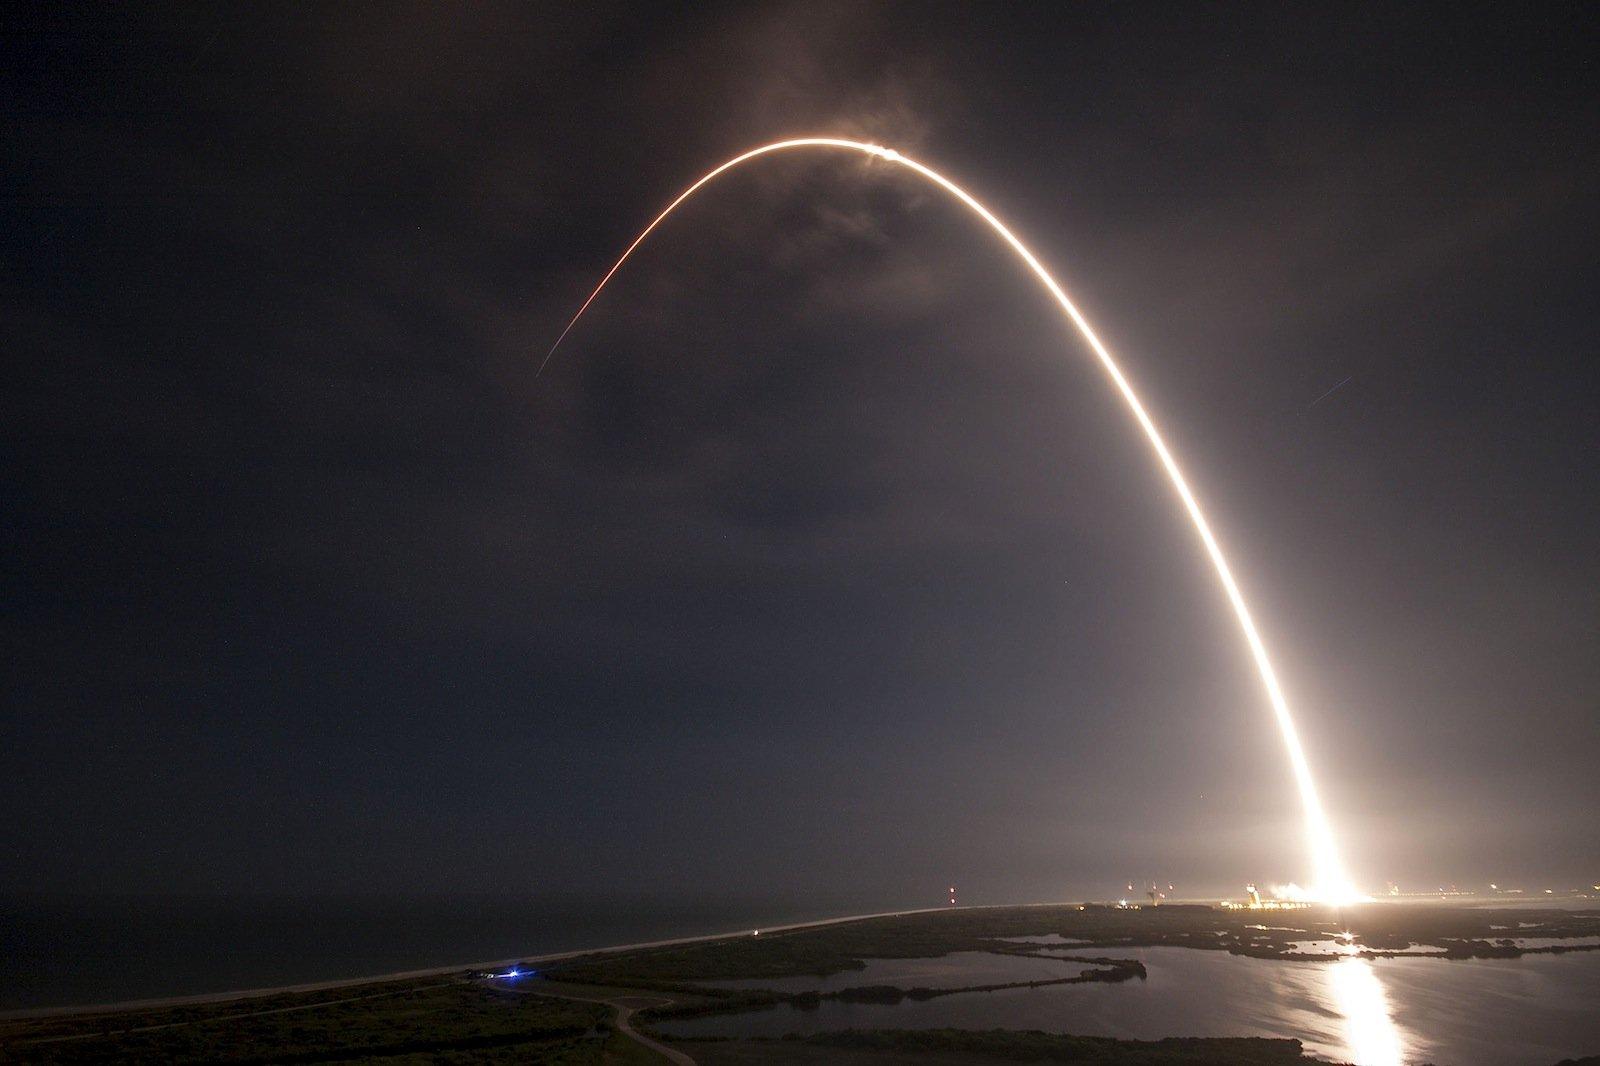 Einmal All und zurück: SpaceX will mehr. Dieselbe Rakete soll mehrfach liegen. Im Oktober eine Falcon-9, die im April schon einmal im Weltraum unterwegs war.